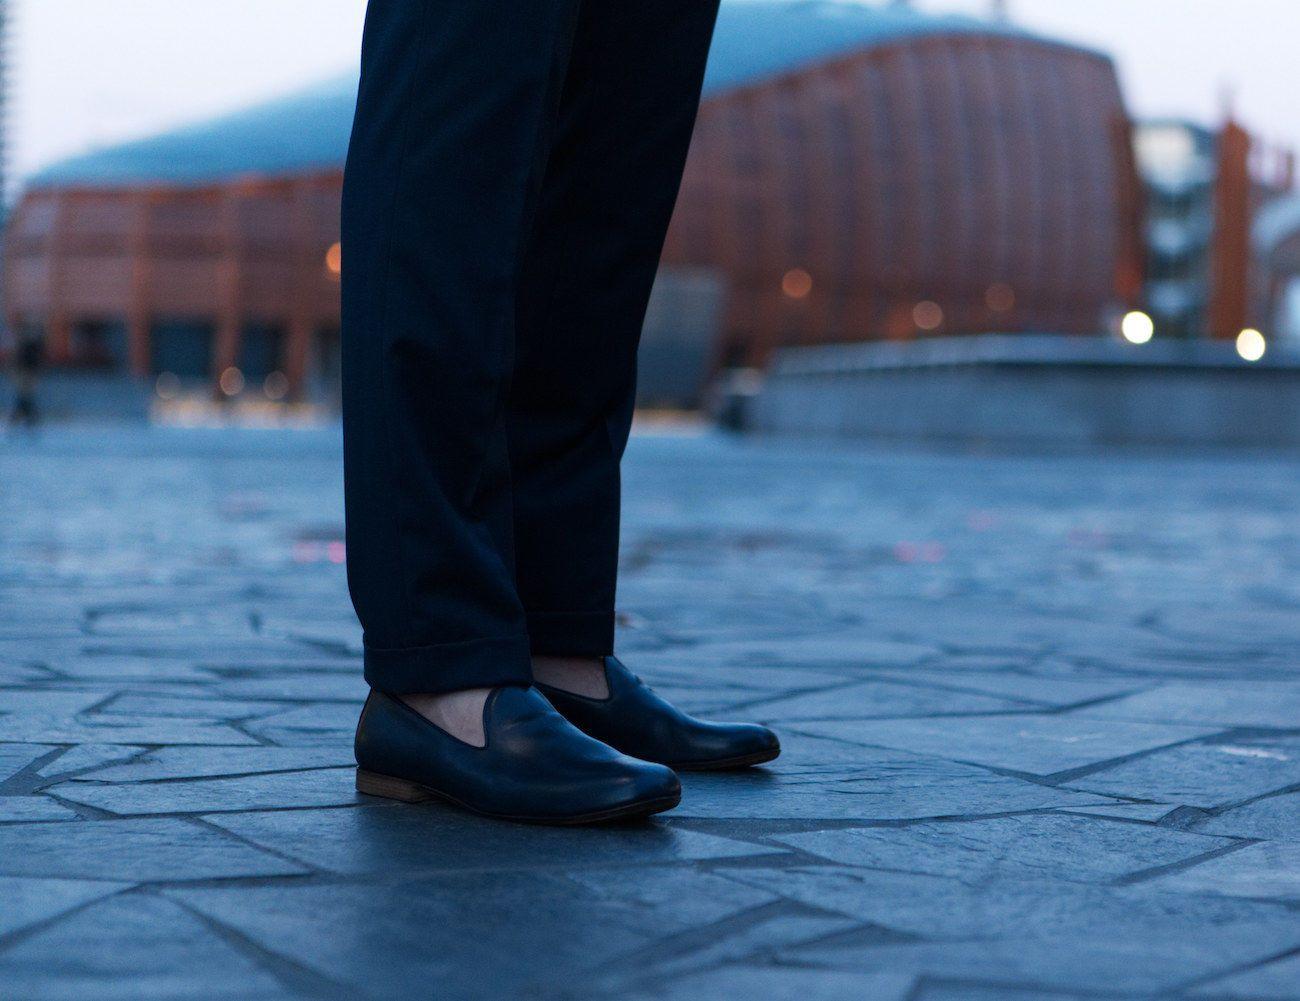 iovado 3D Scanned Luxury Italian Shoes